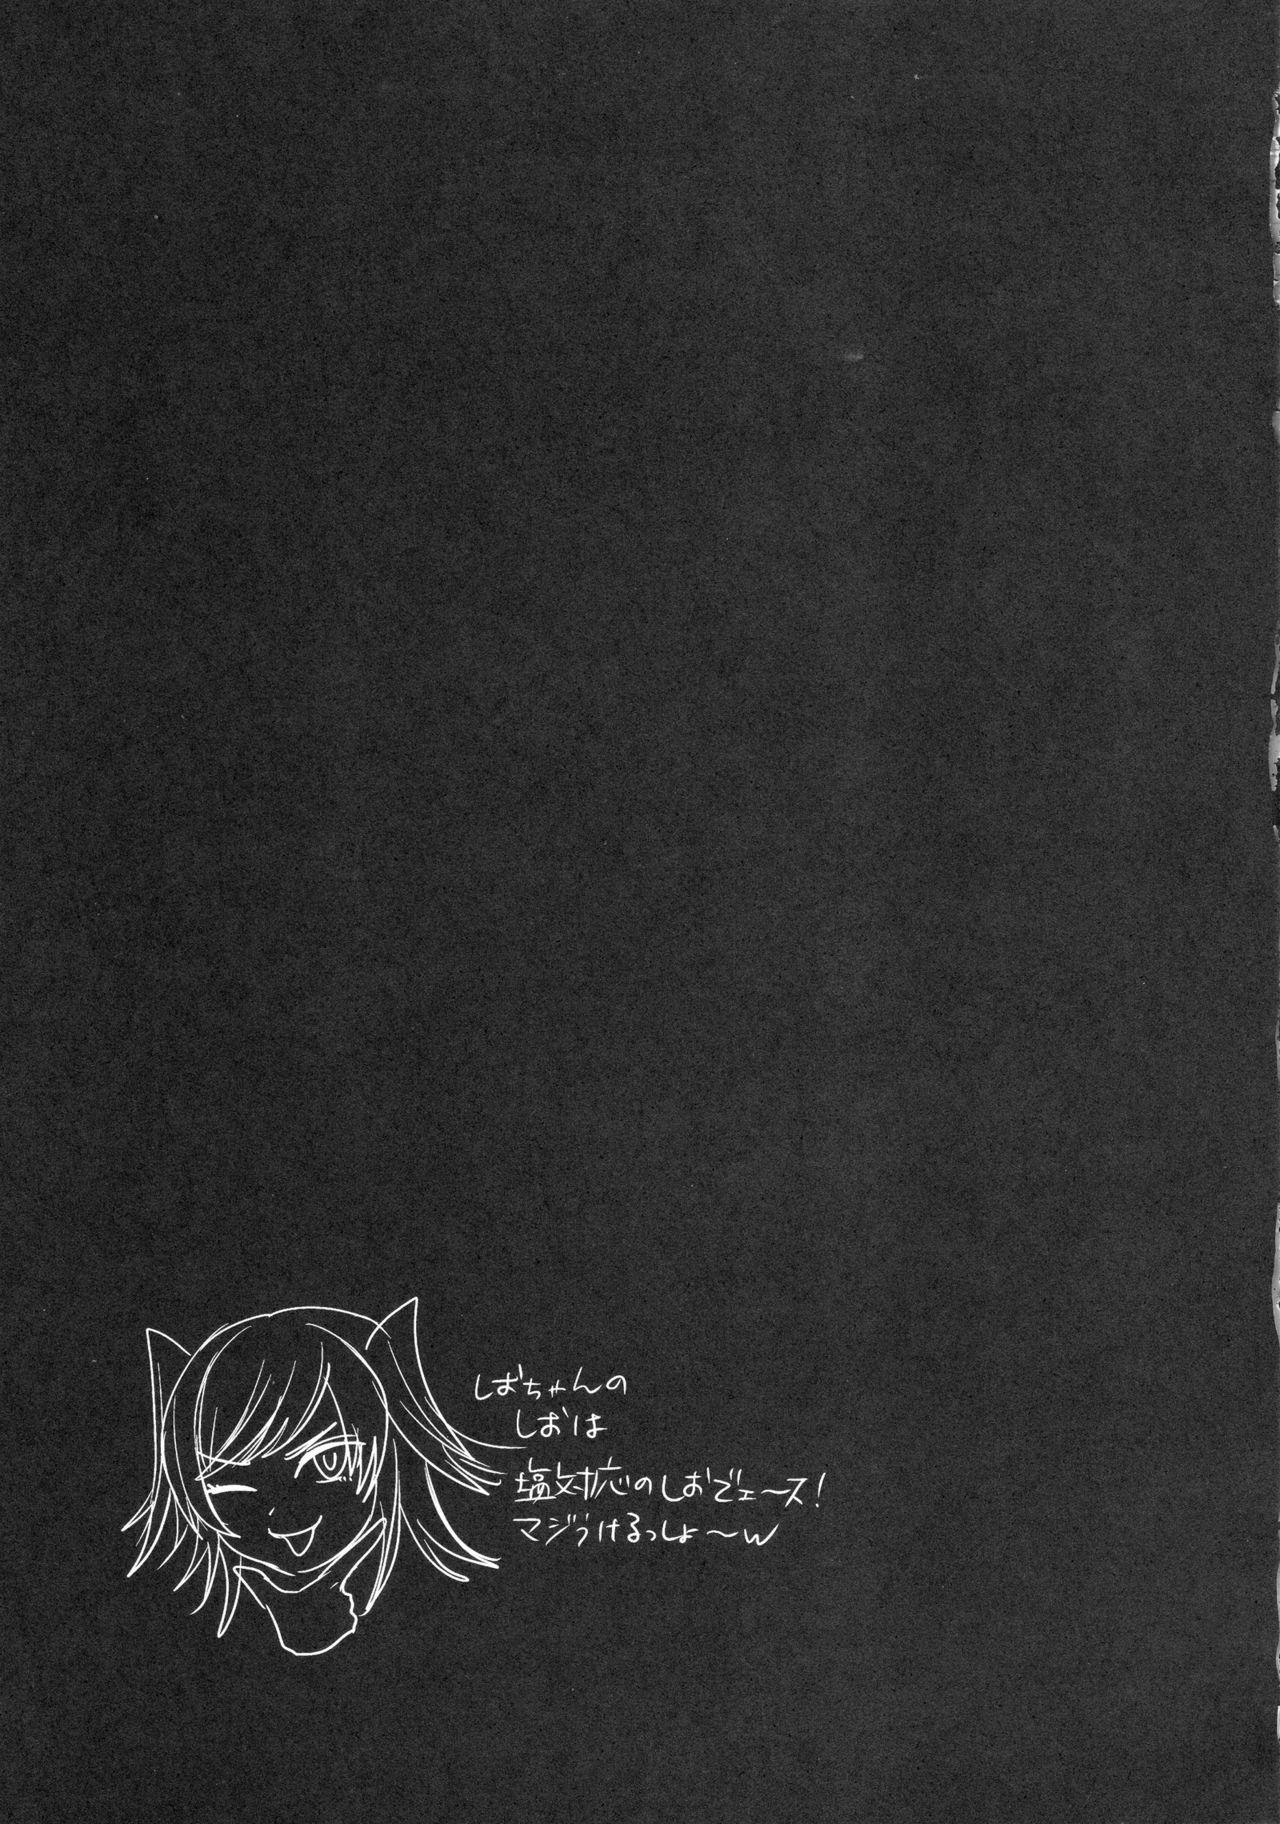 Shio-chan wa Itsumodoori 20